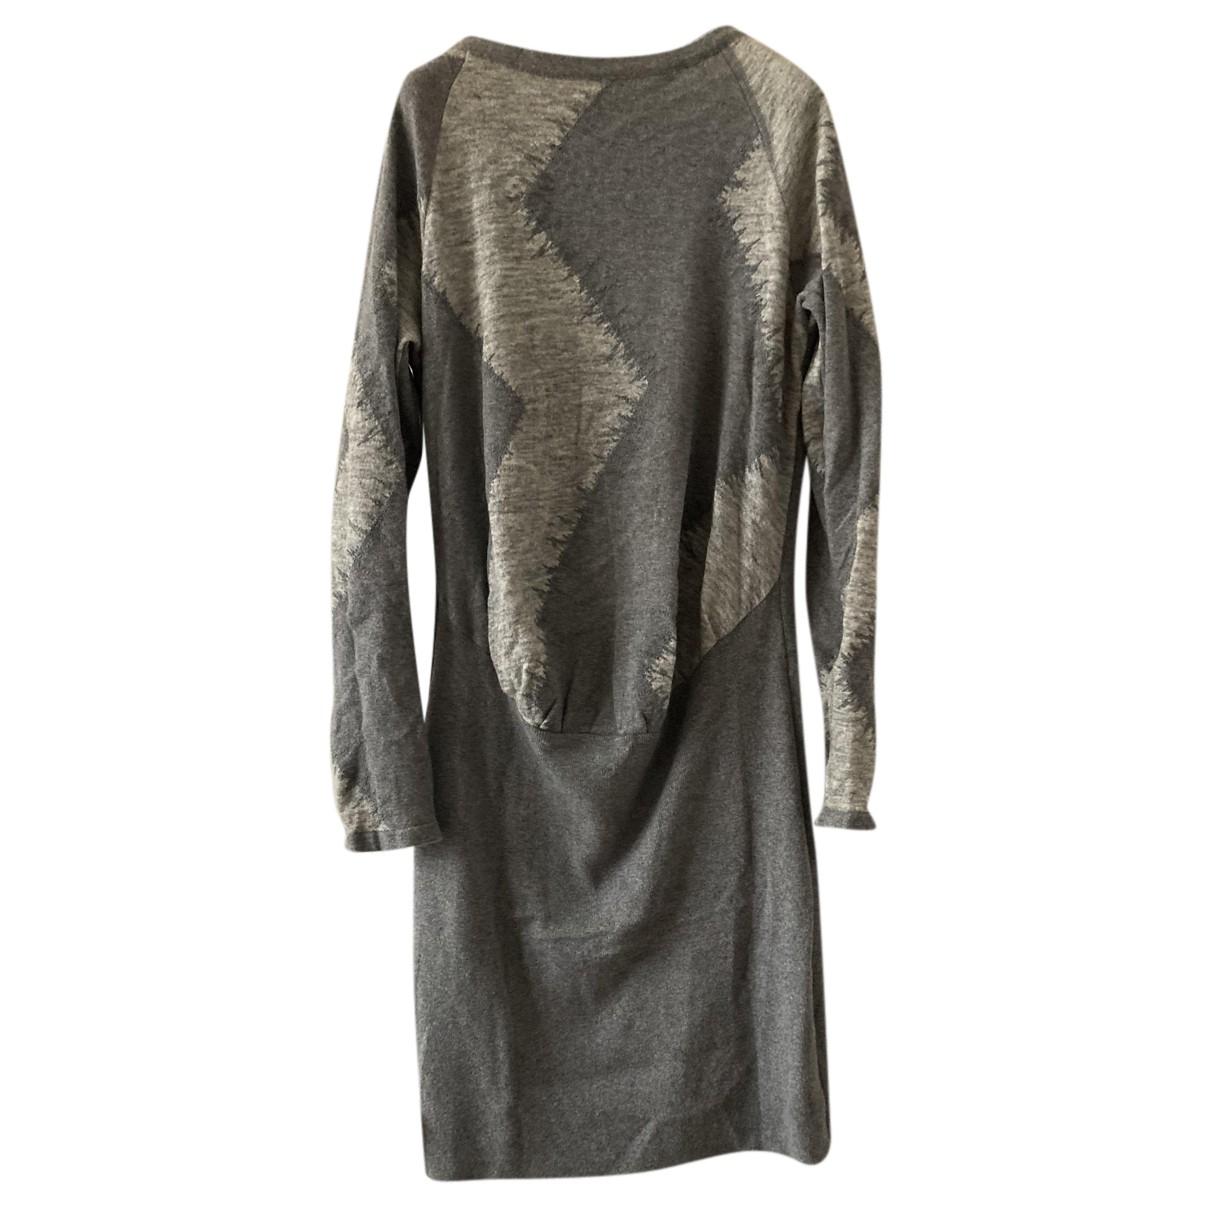 Pringle Of Scotland \N Kleid in  Grau Wolle